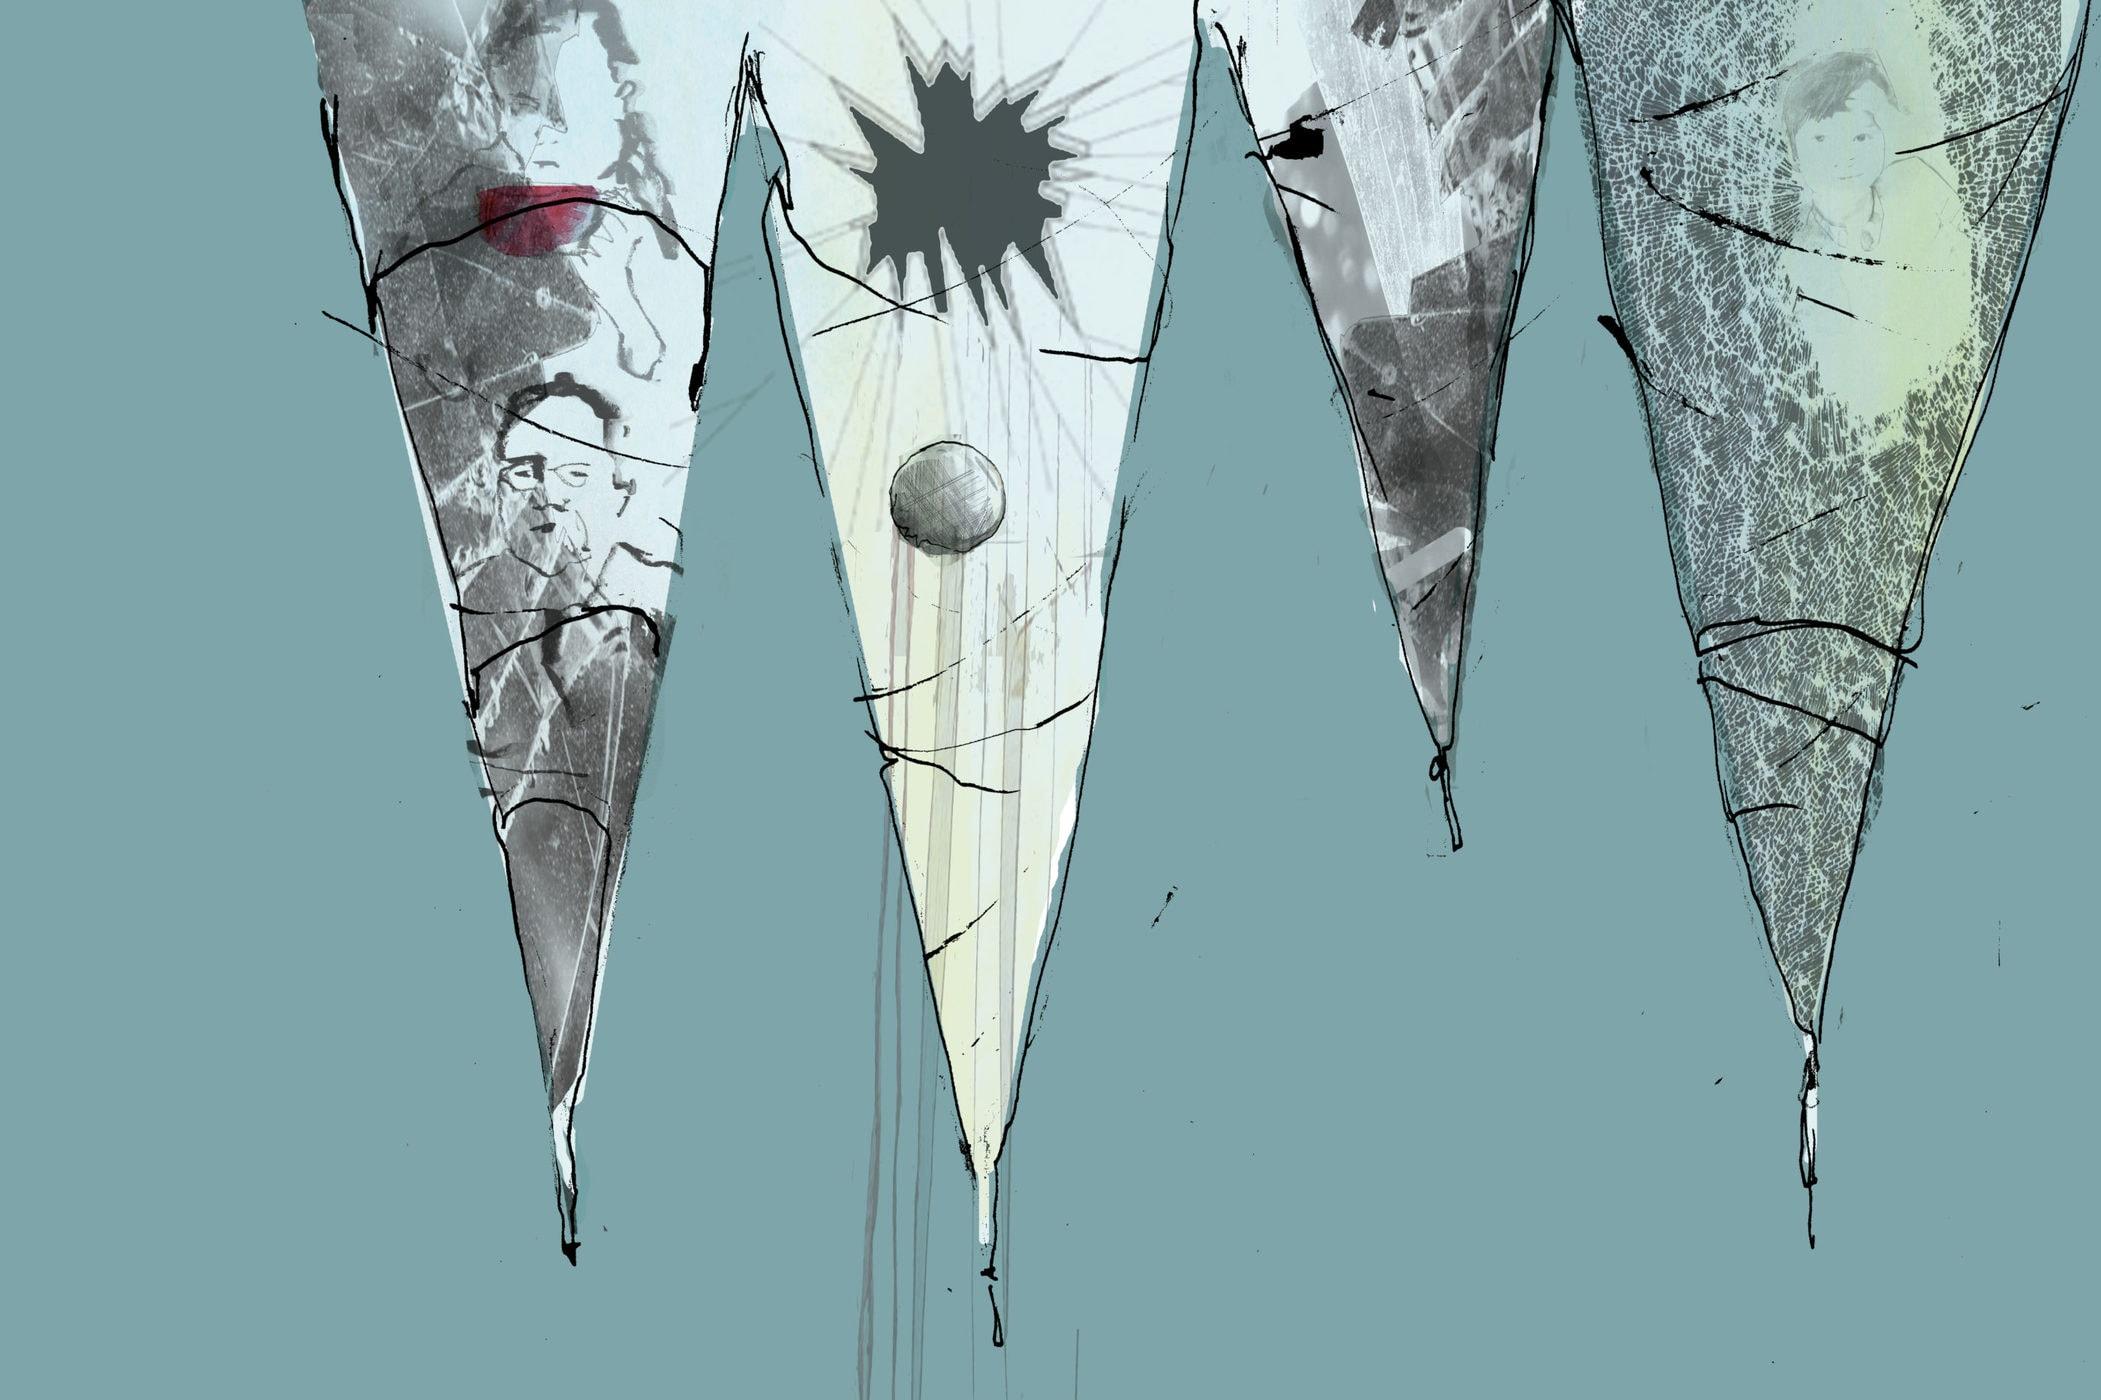 Istappen. Fortalt af Jens Peter Madsen, med tegning af Tanja Eijgendaal